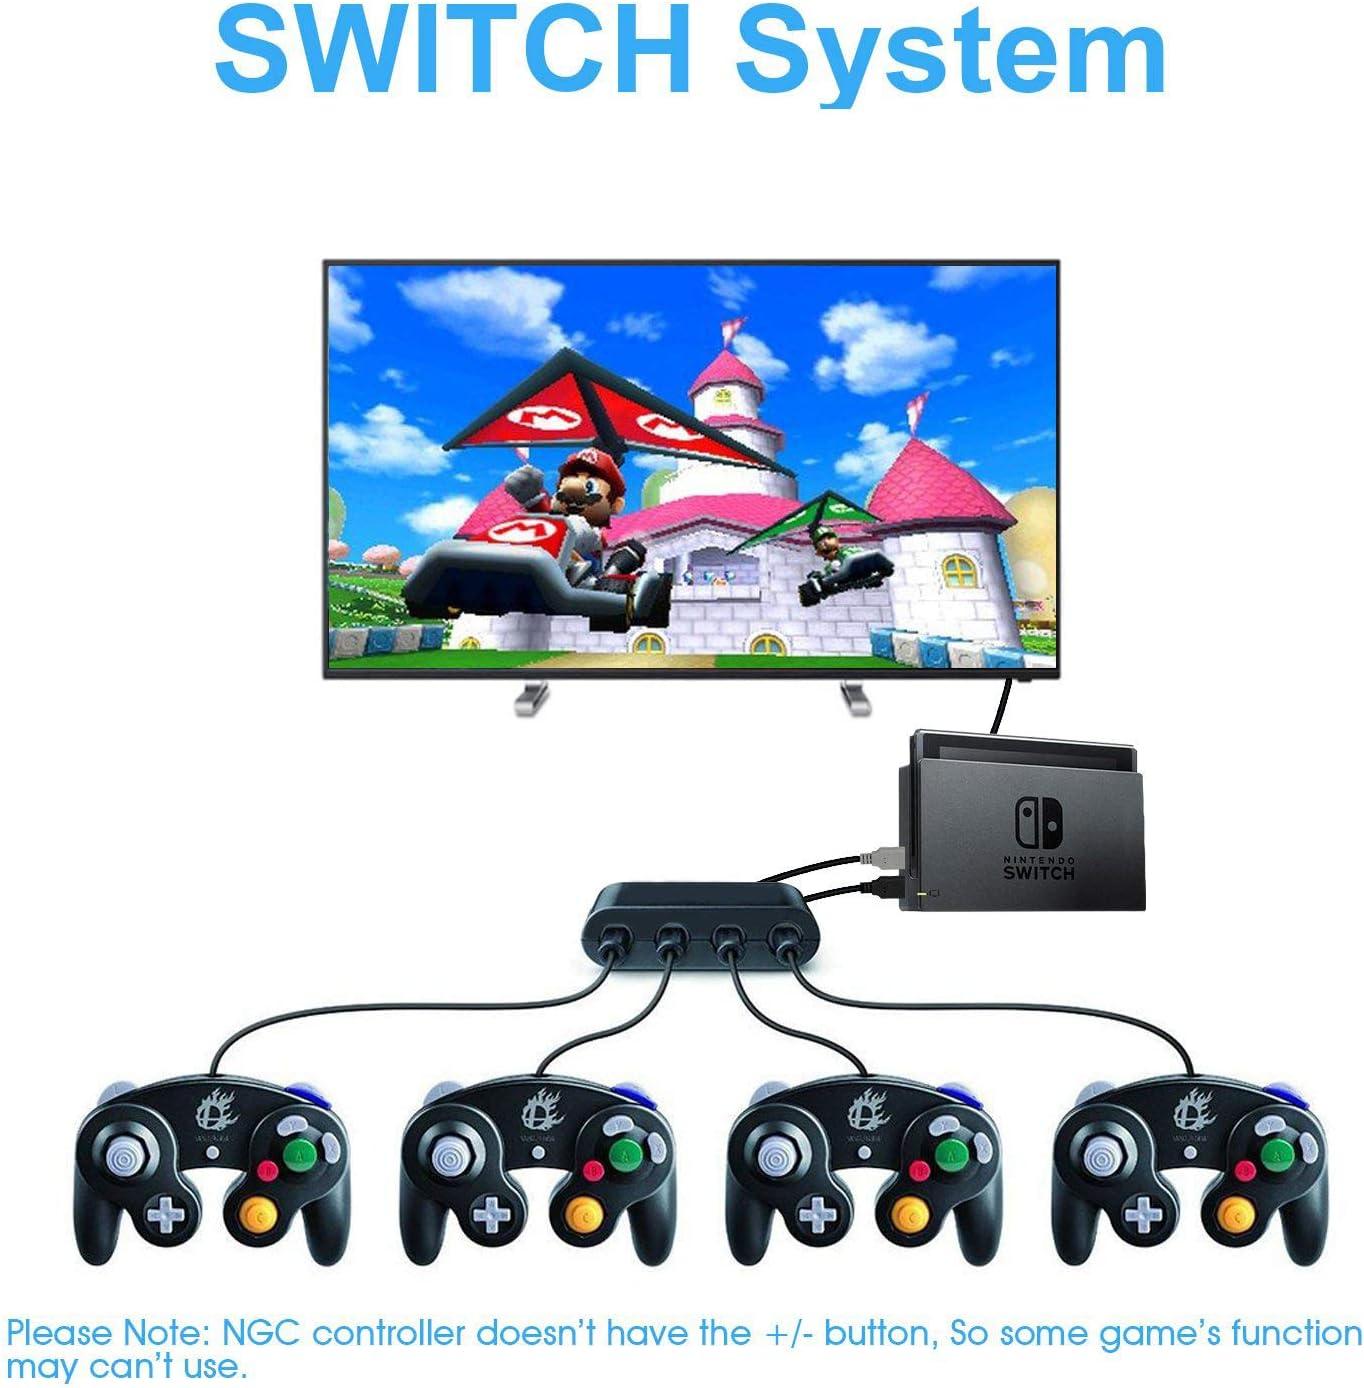 JinSu Gamecube Controller Adapter, Super Smash Bros de Control de Gamecube Adaptador para Nintendo Switch/Wii U/PC, Versión Mejorada 4 Puertos NGC Adapter con Home/Turbo Turbo (Negro): Amazon.es: Electrónica